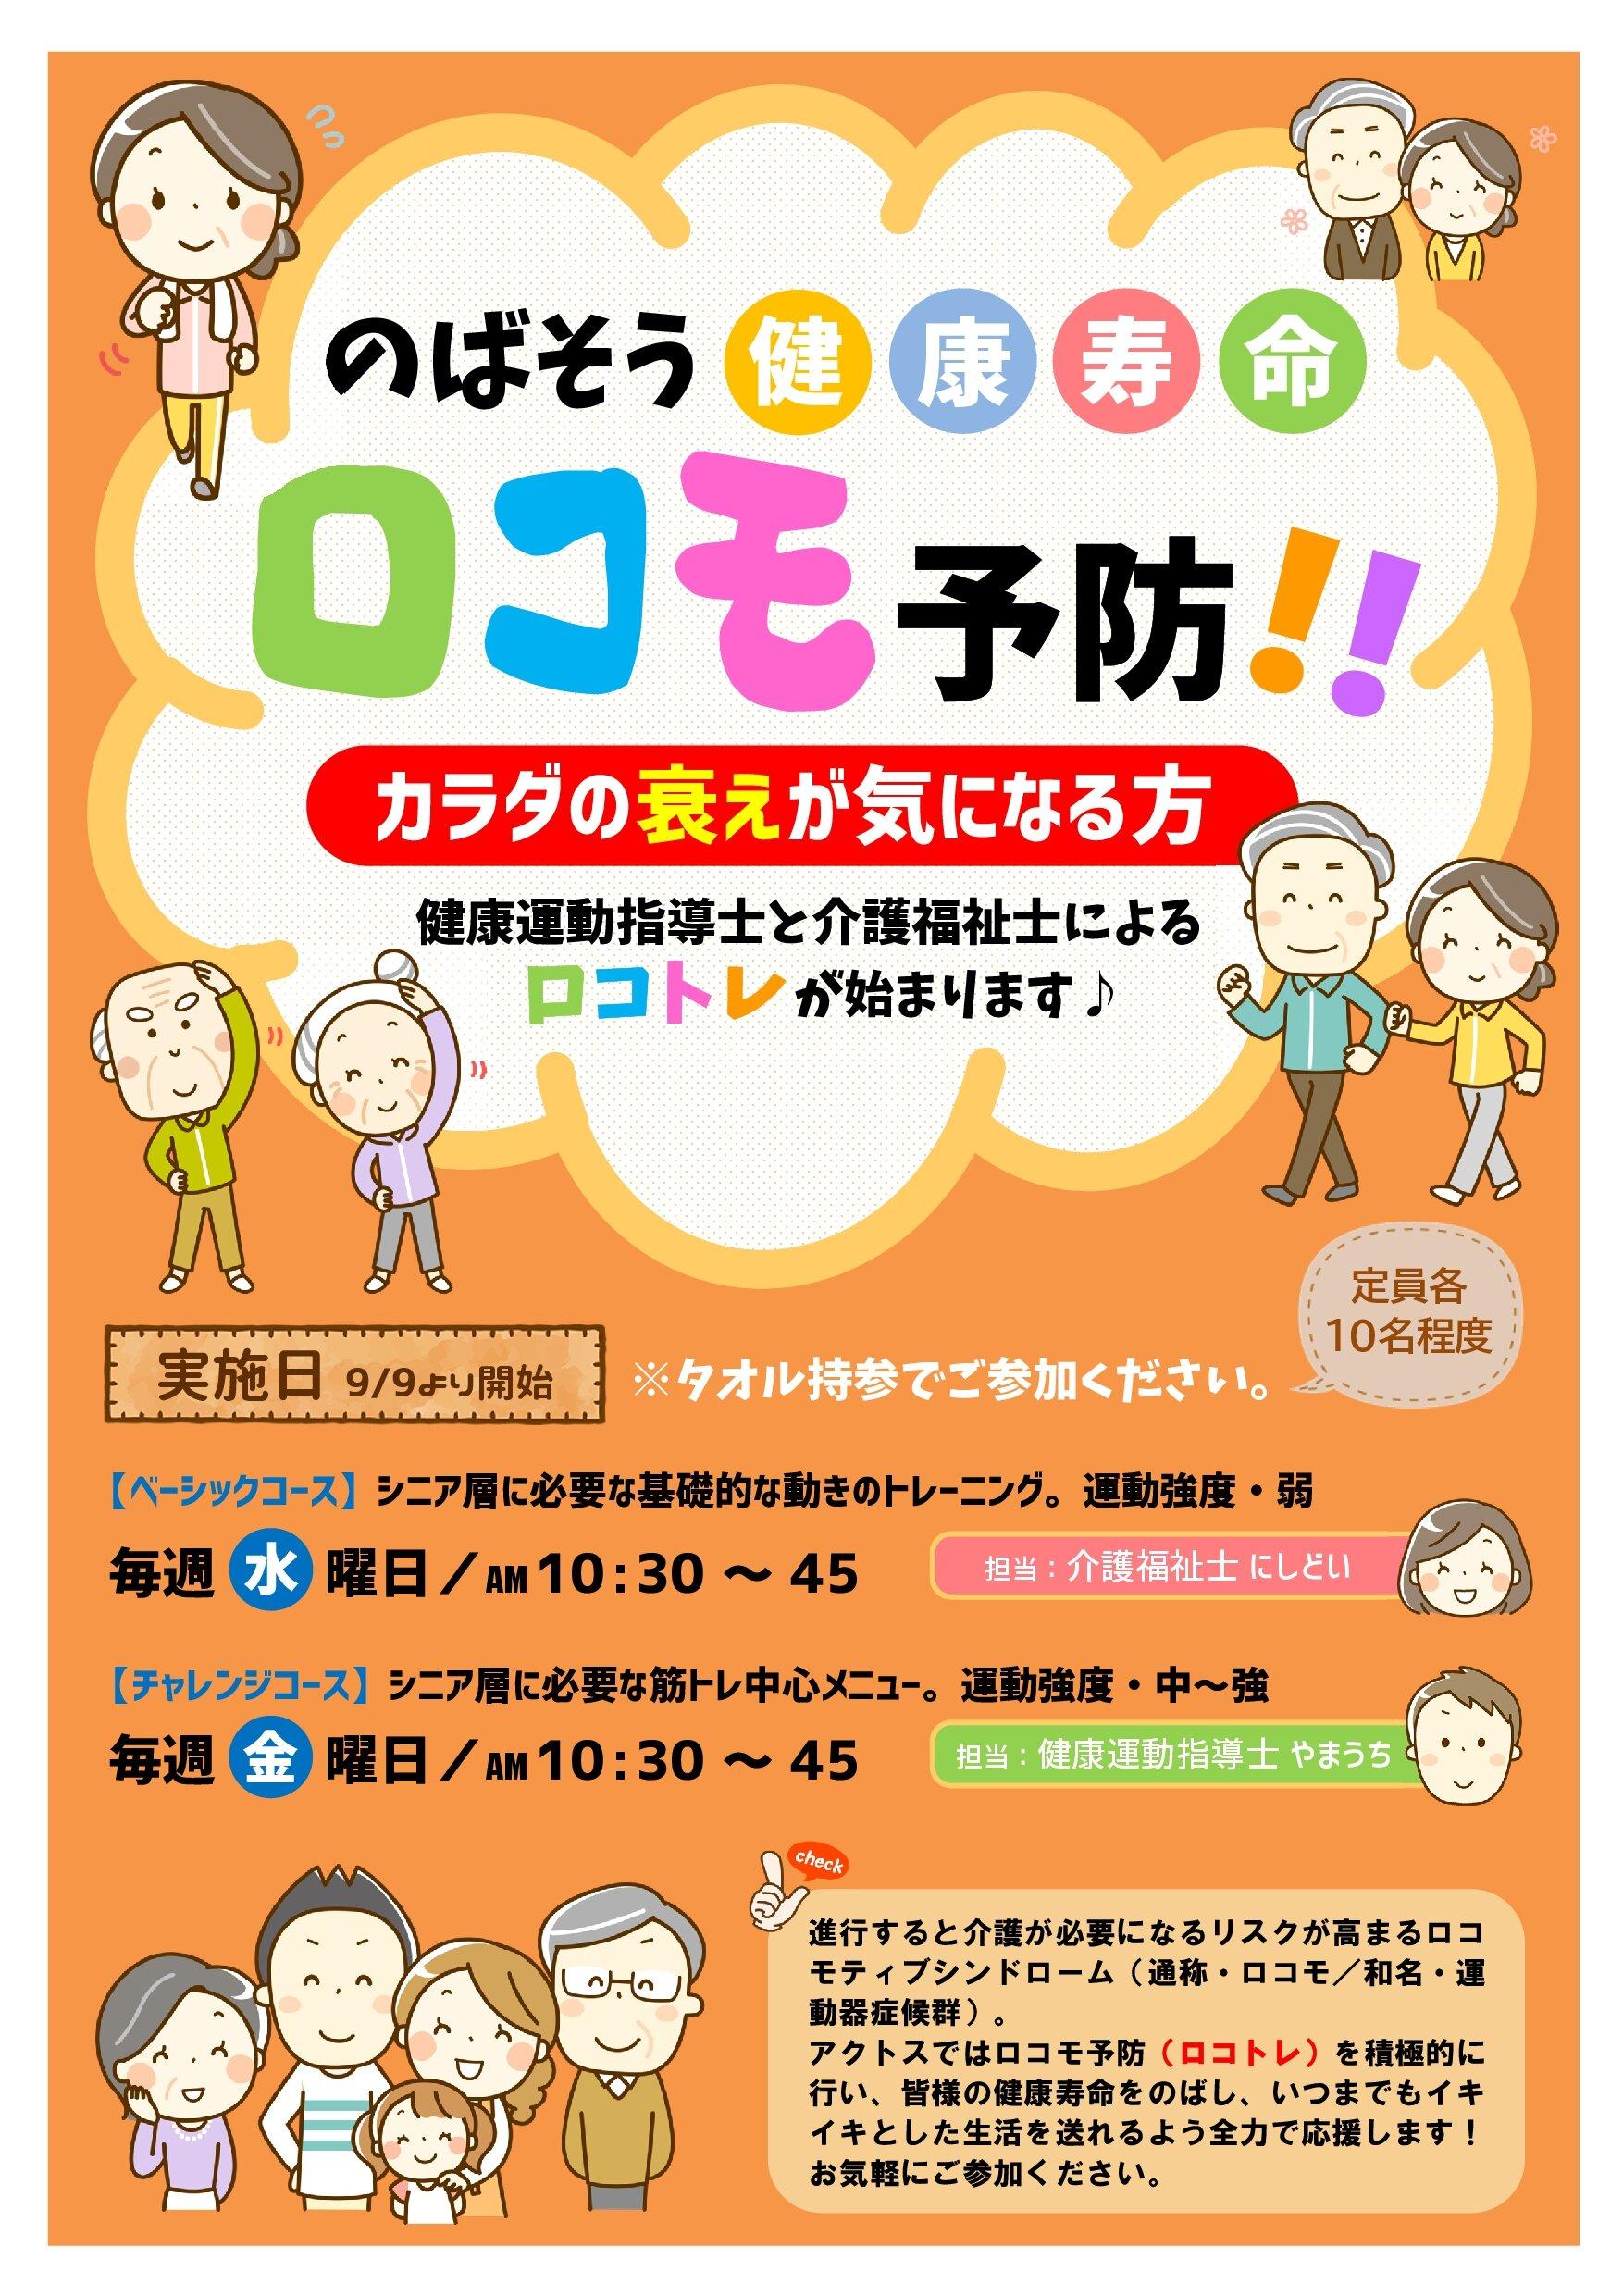 ロコトレPOP(JPG) (002).jpg